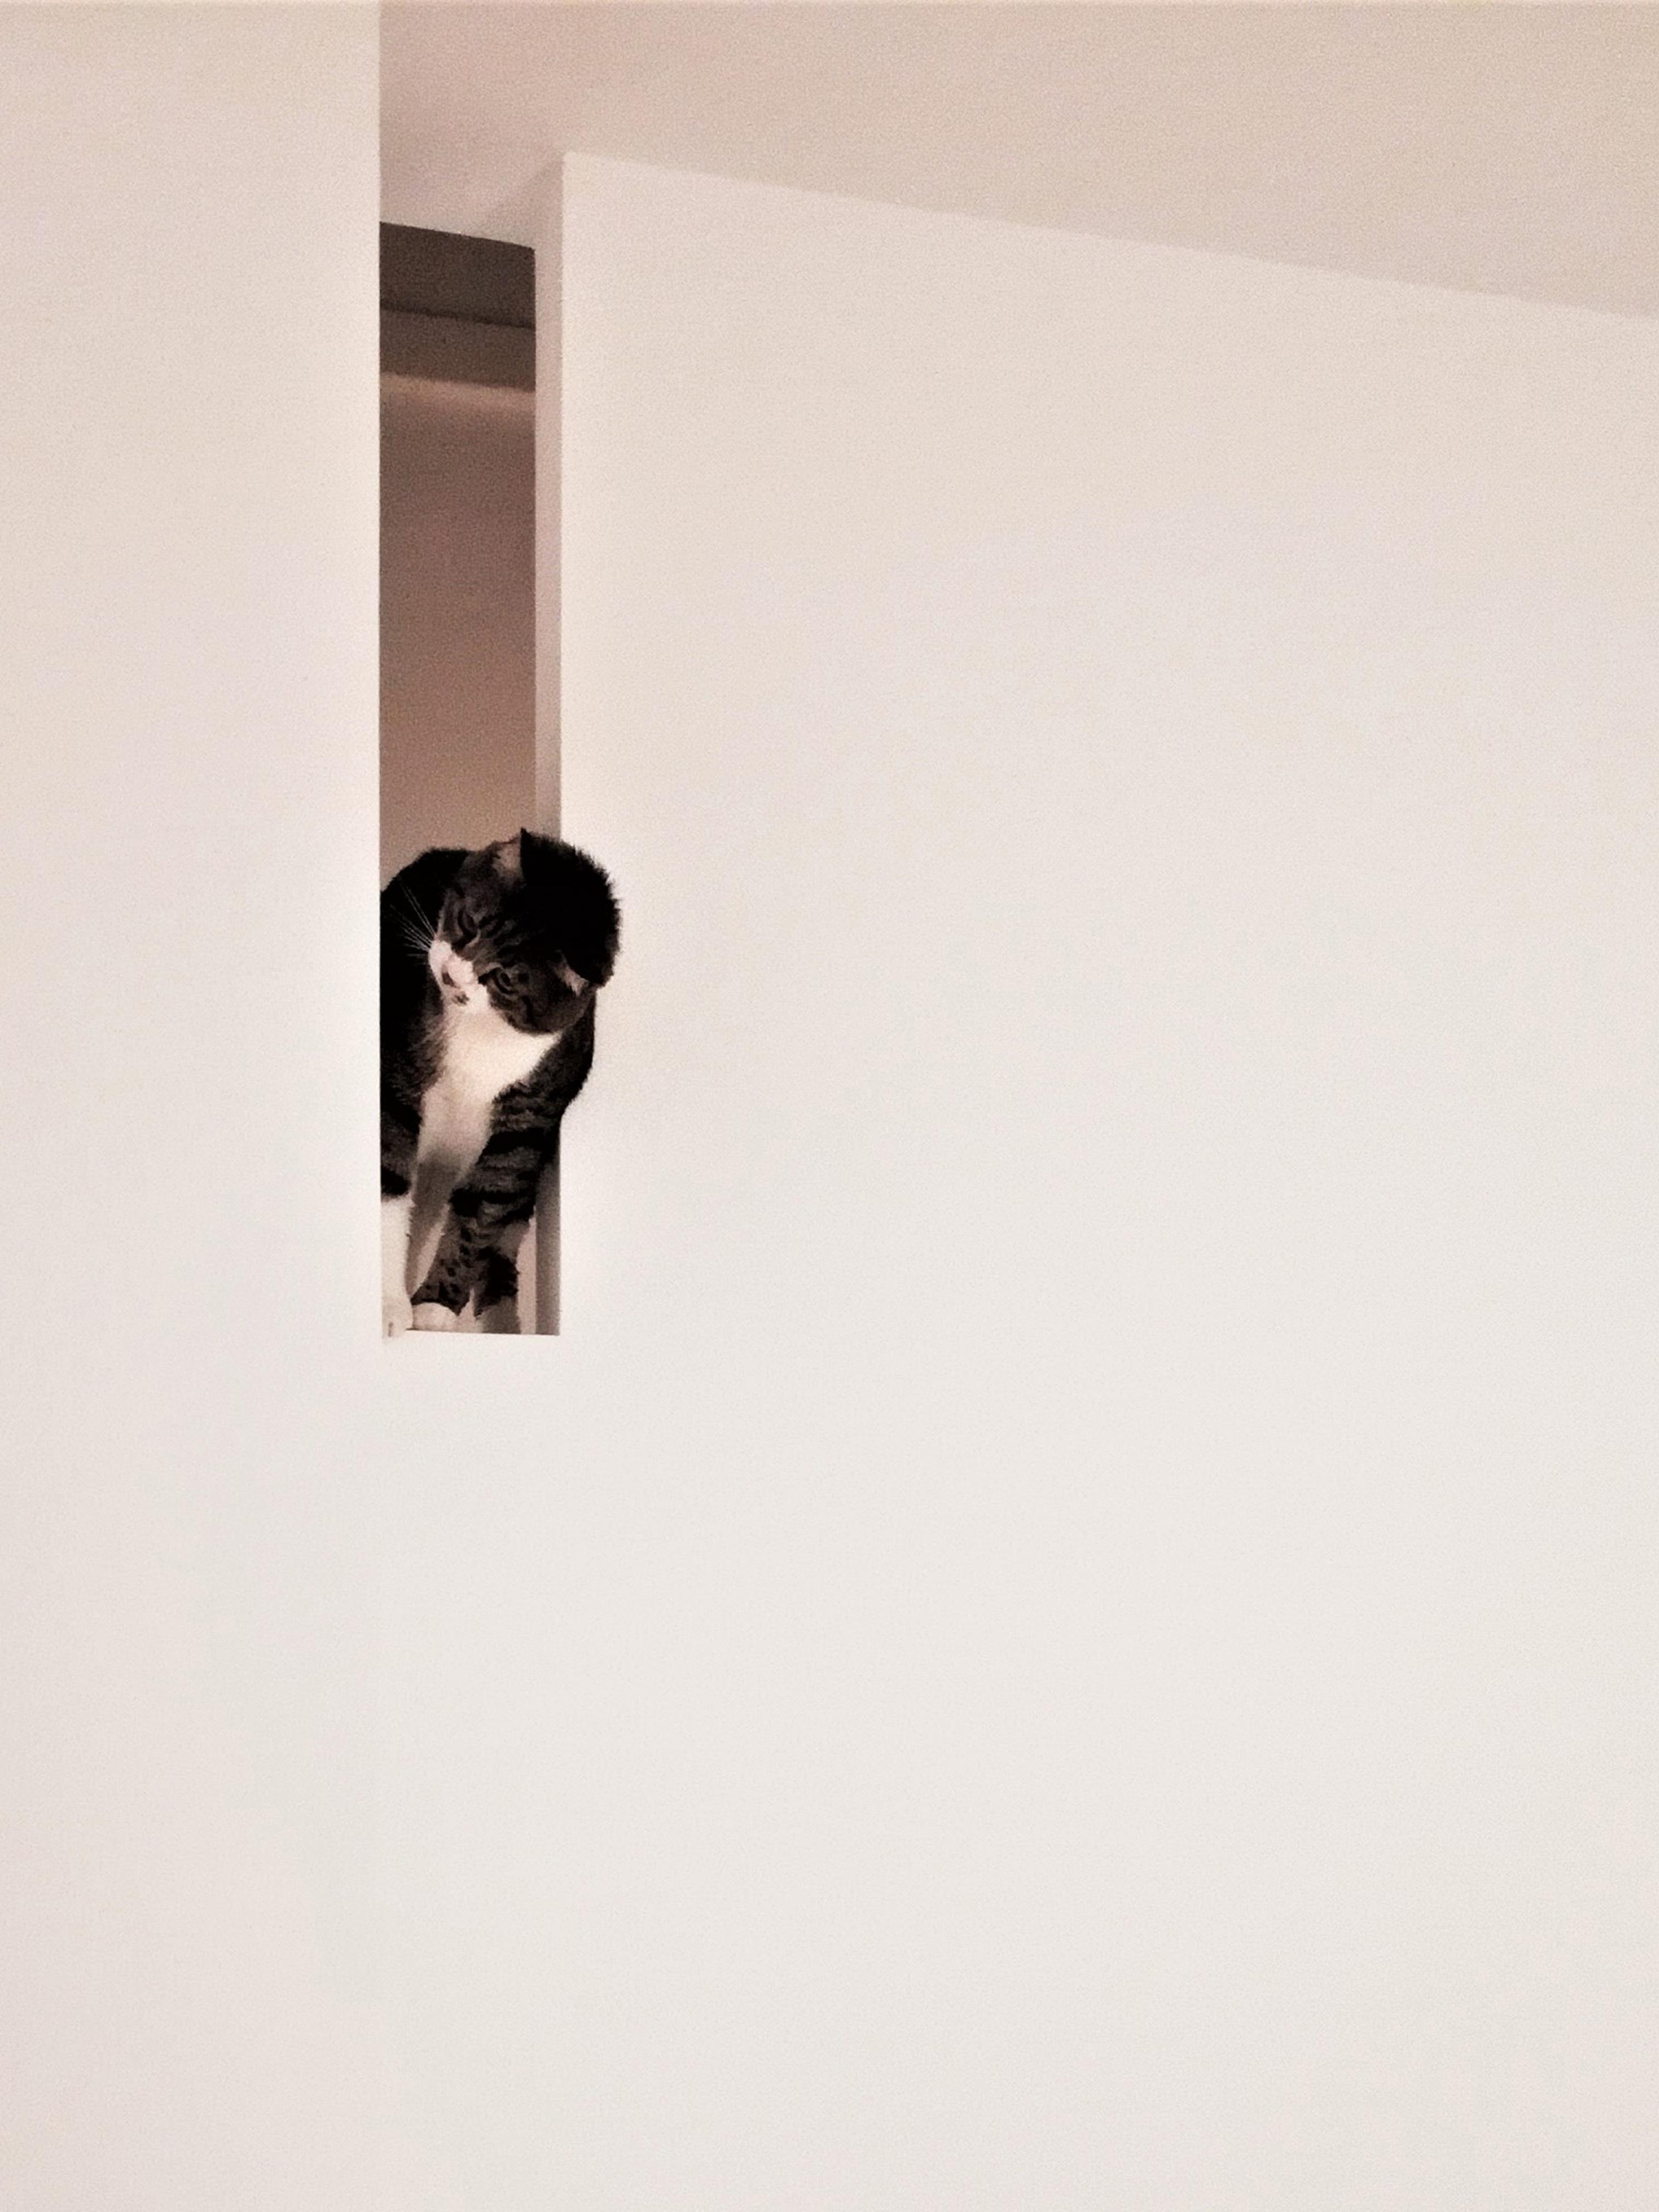 casa SQ AA. mike appollaiato sul taglio nella parete della scala.